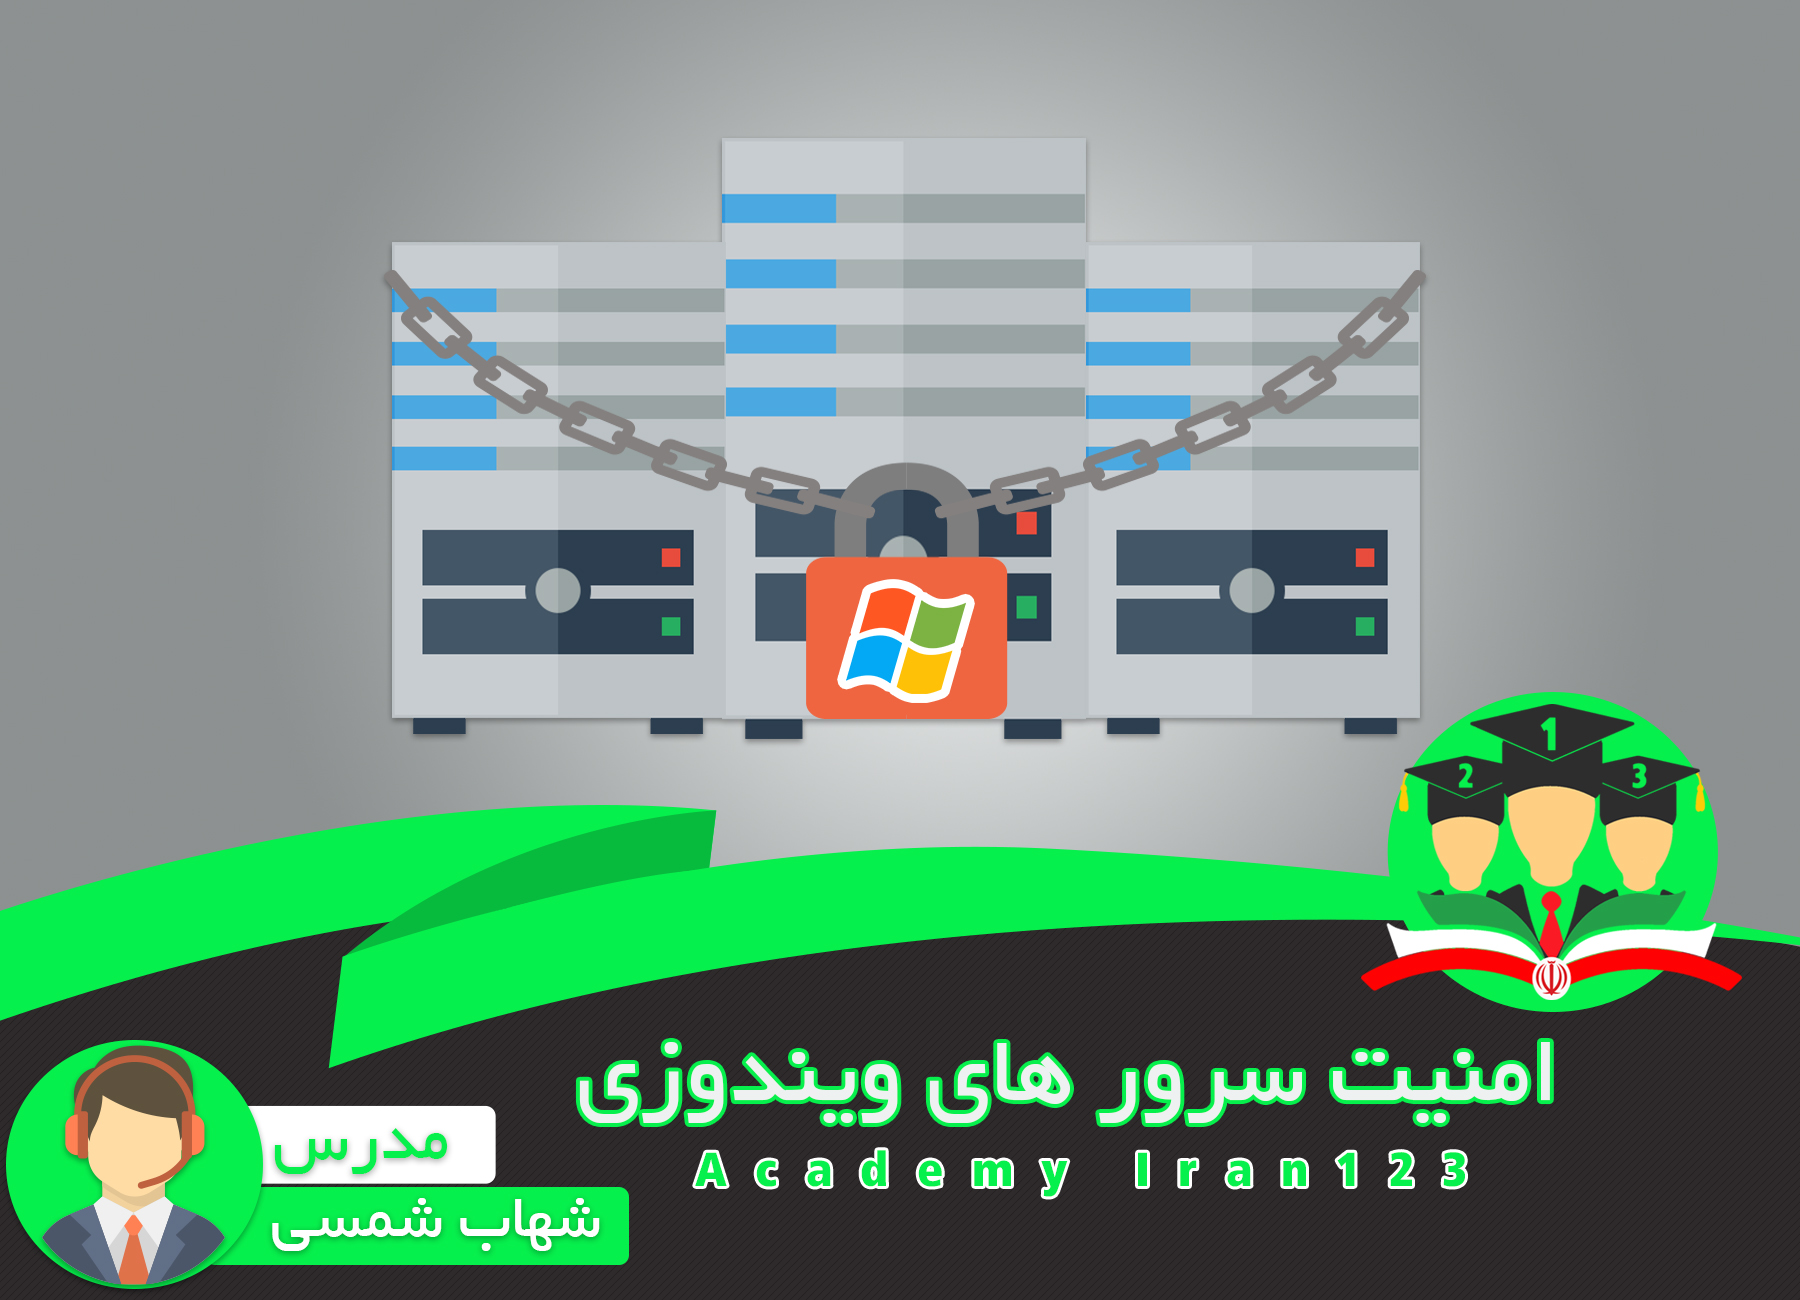 دوره جامع تامین امنیت سرور (ویندوز)